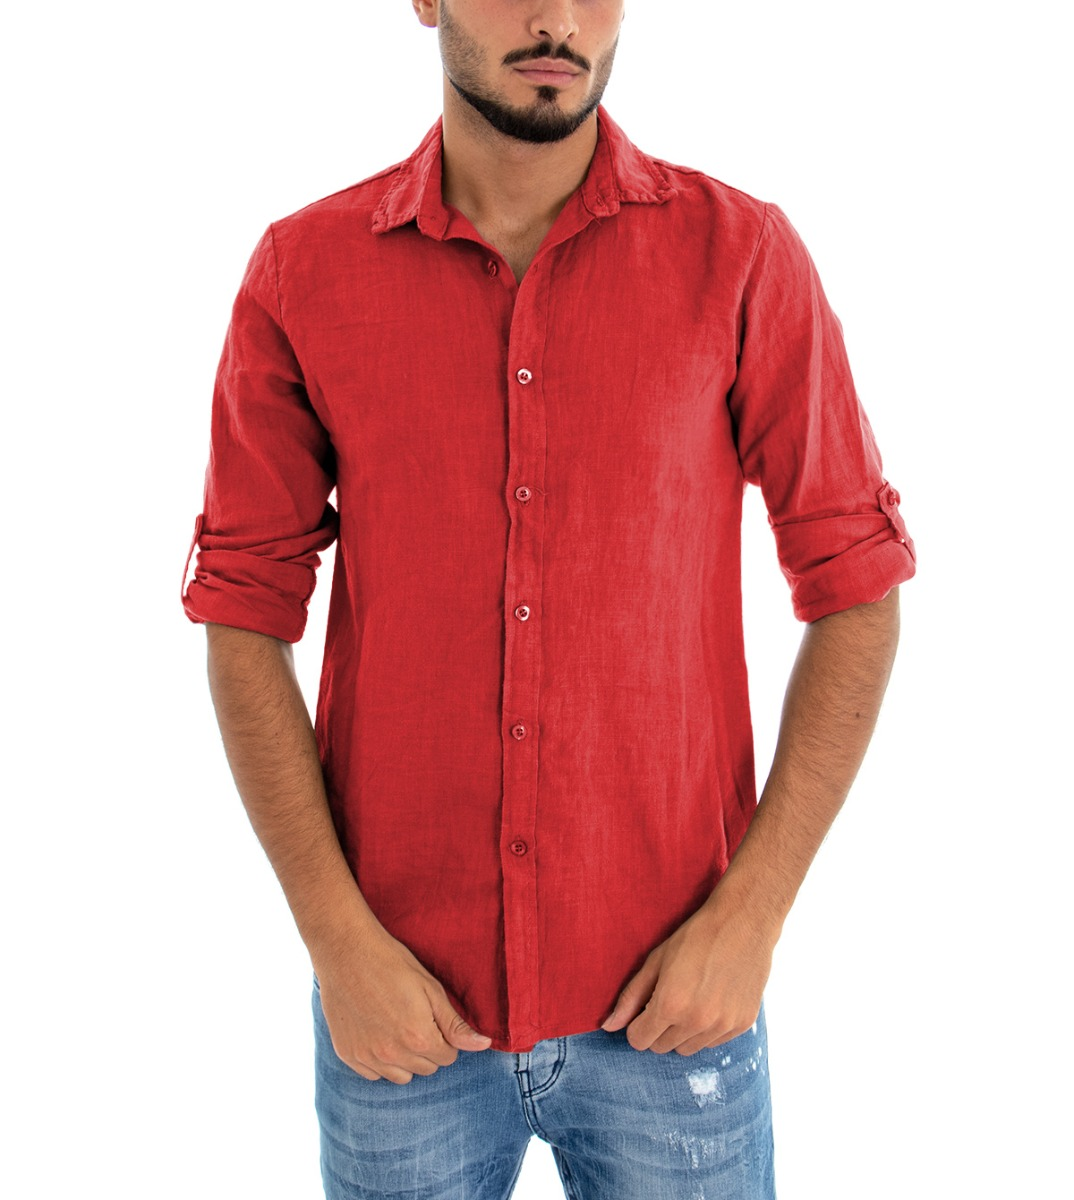 Camicia-Uomo-Lino-Maniche-Lunghe-Colletto-Tinta-Unita-Rossa-GIOSAL miniatura 3